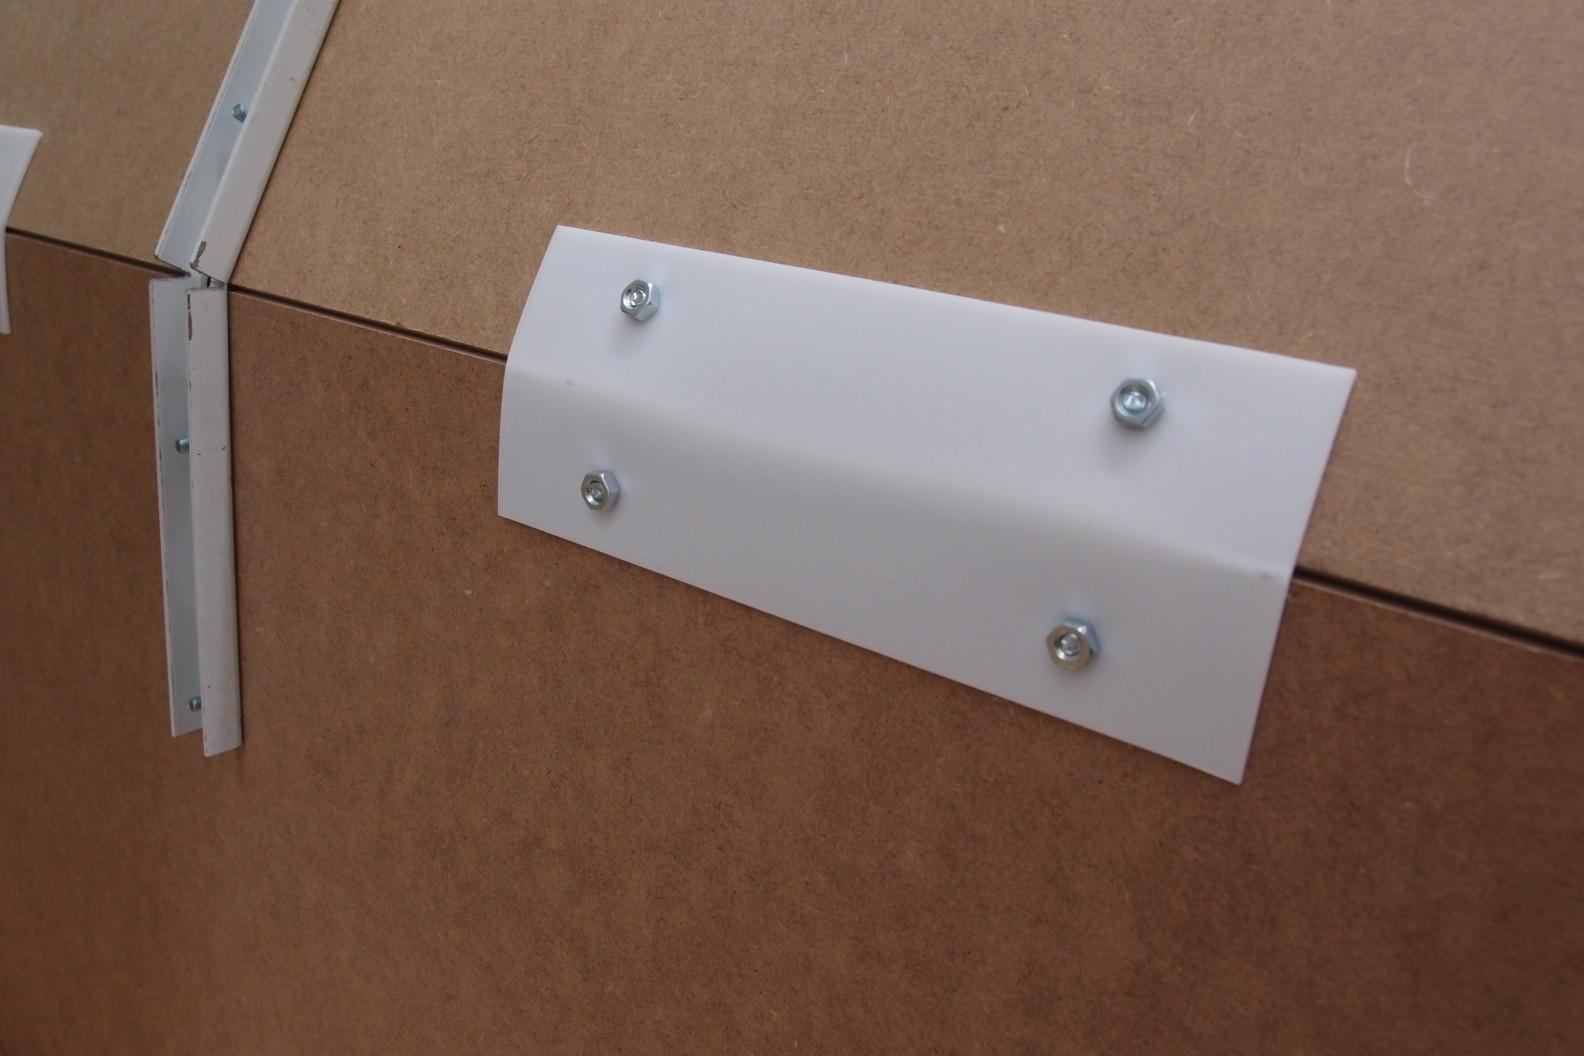 Einfache Kunststofstreifen halten zwei Hartfaserplatten in Position